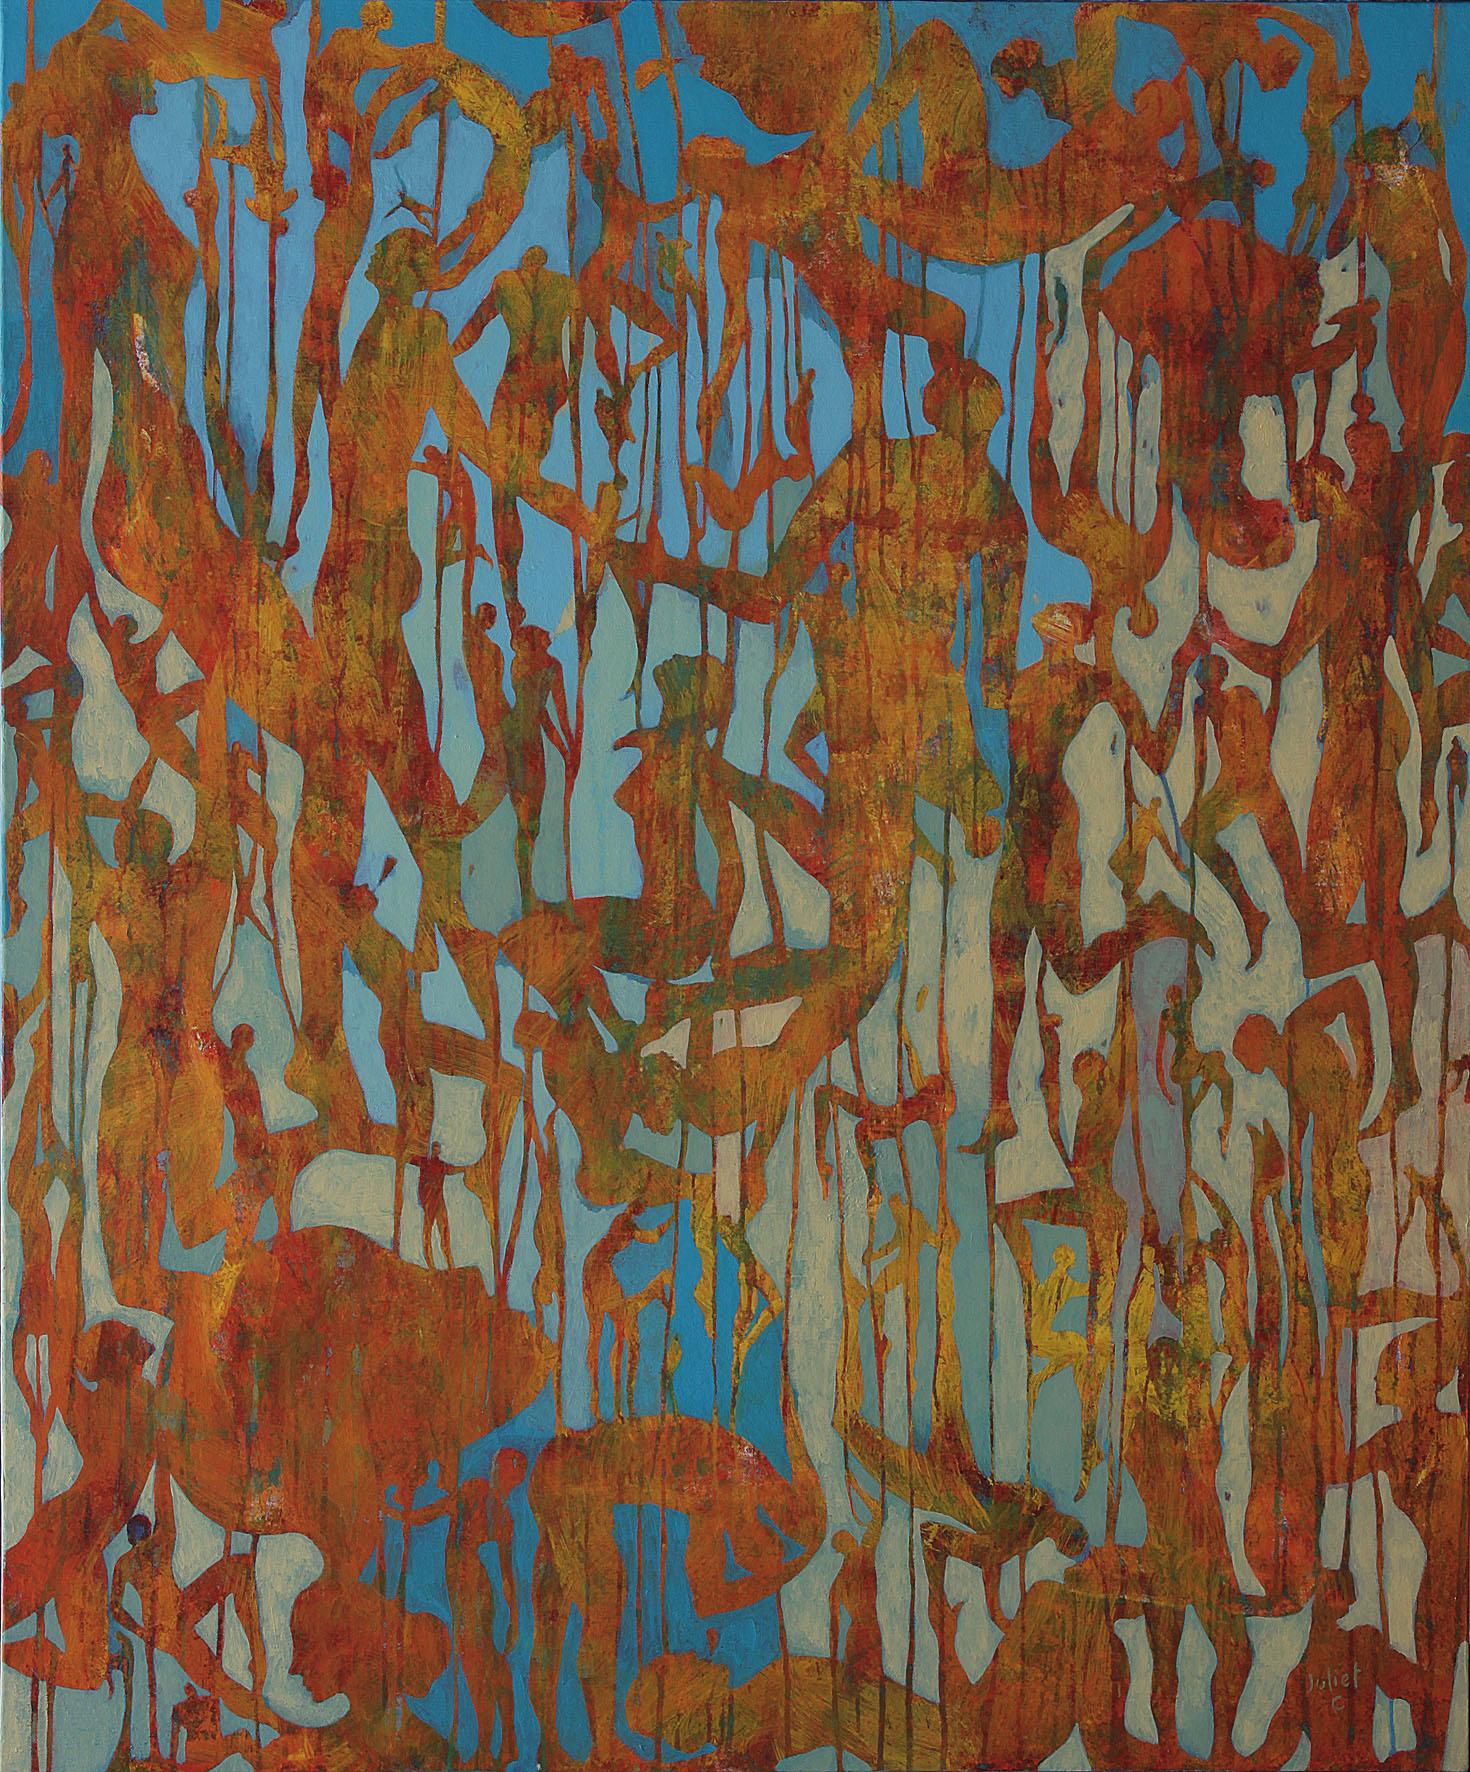 LES TOURNE SOLS acrylique sur toile 120x100 cm